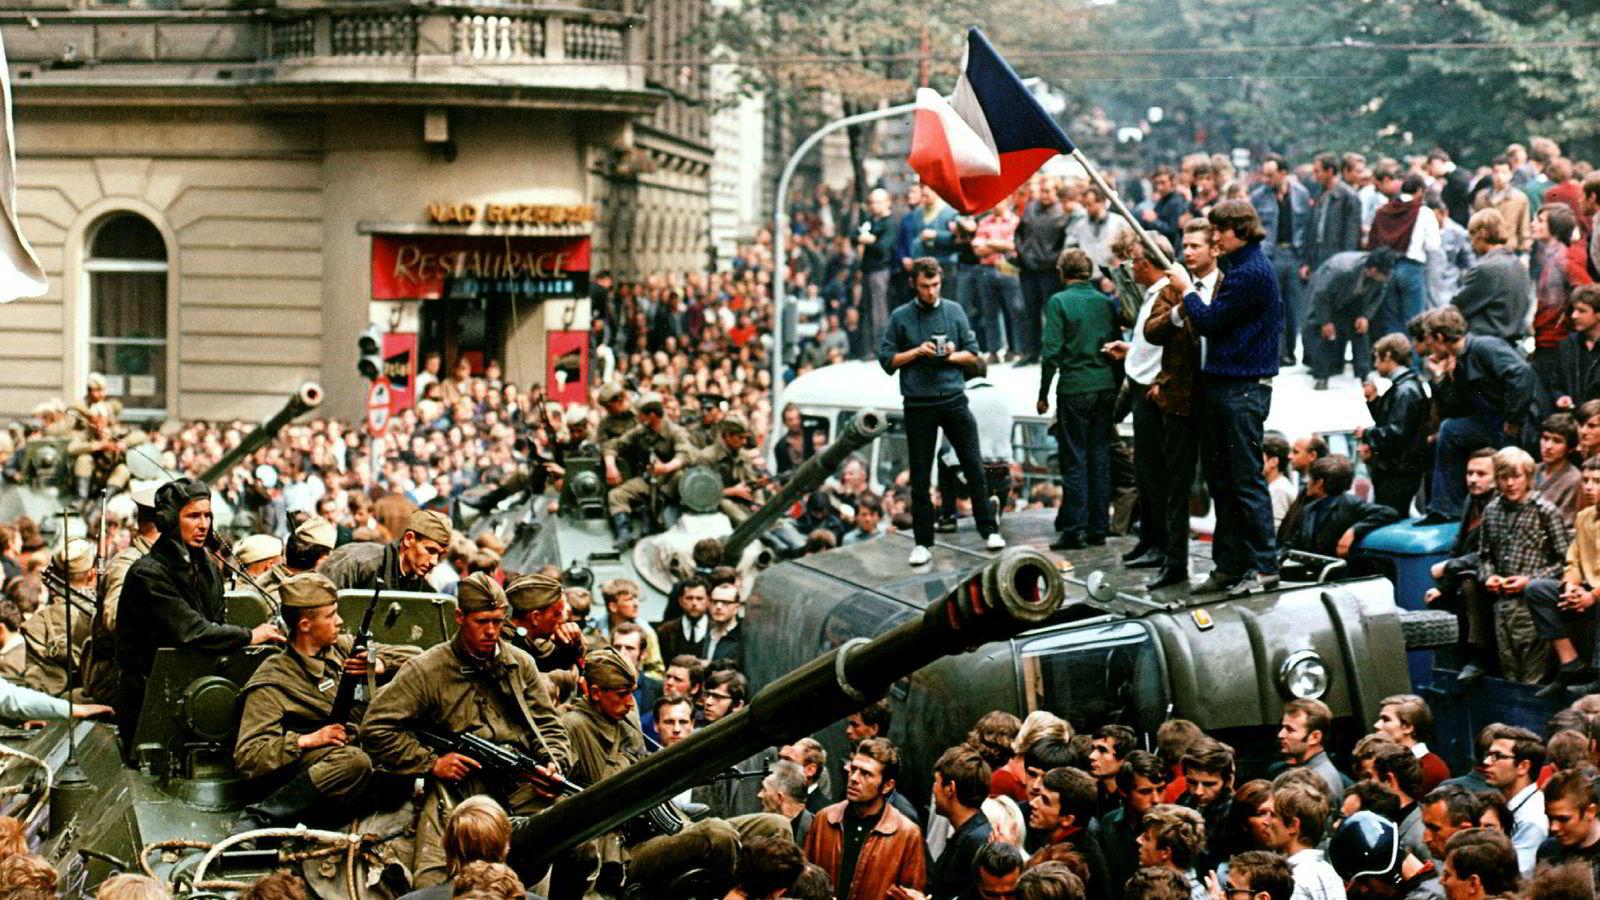 Sovjetiske soldater med tanks prøver å komme seg frem til Tsjekkoslovakia  Radio i gater fulle av folk som protesterer mot invasjonen, i august 1968.